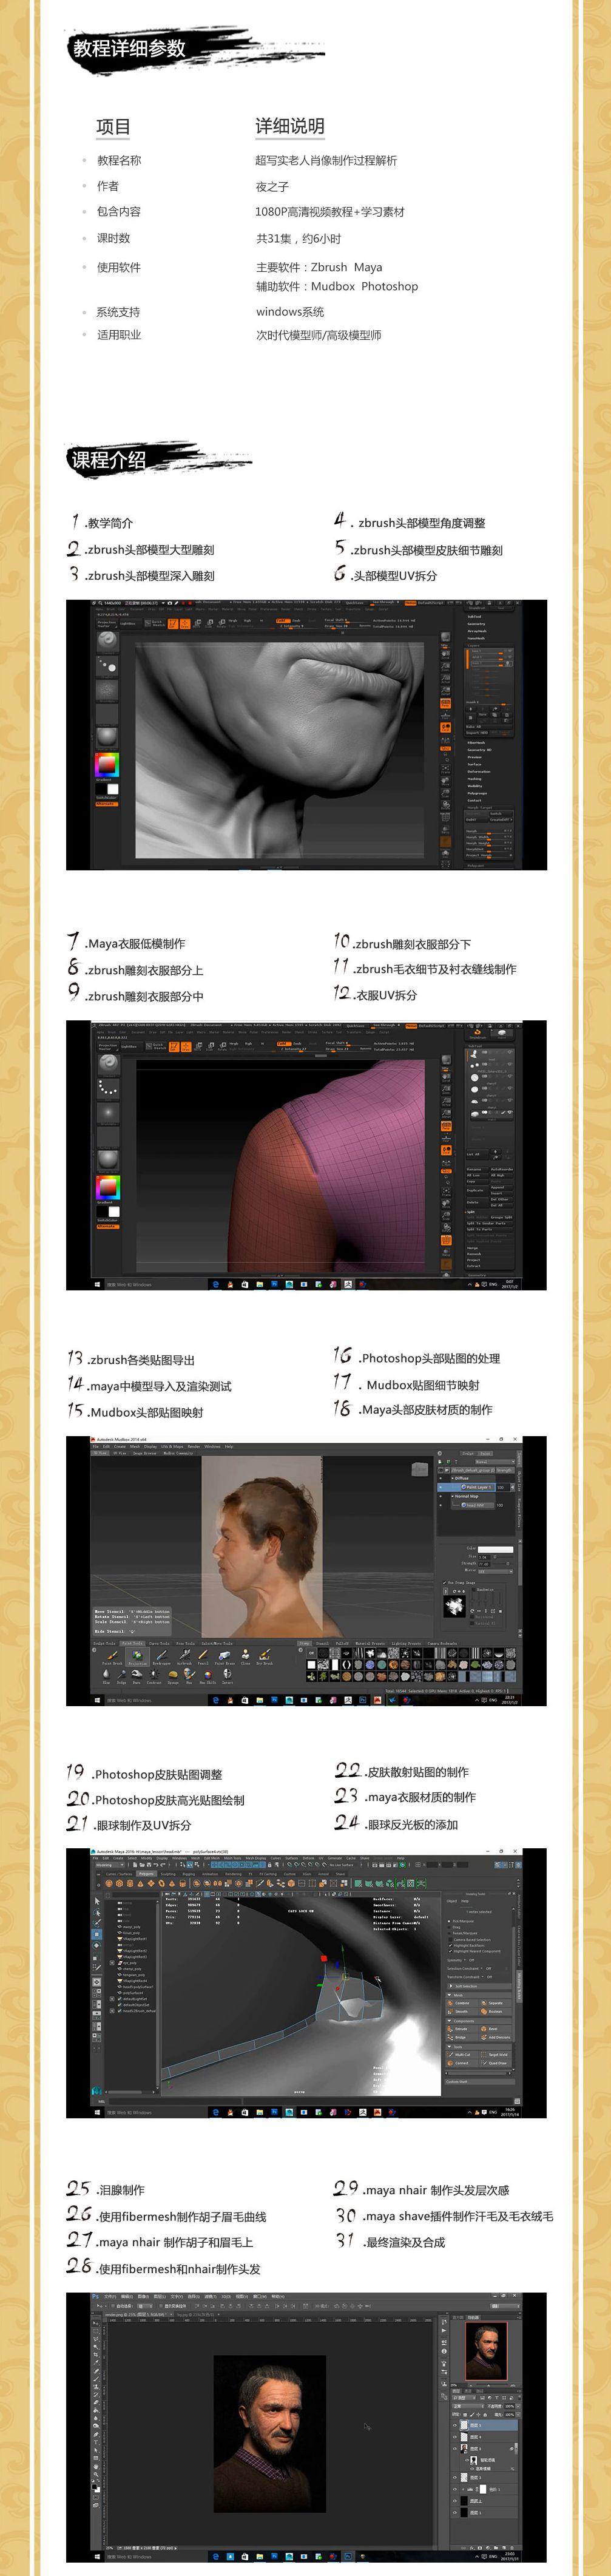 zbrush超写实人像制作全流程教程